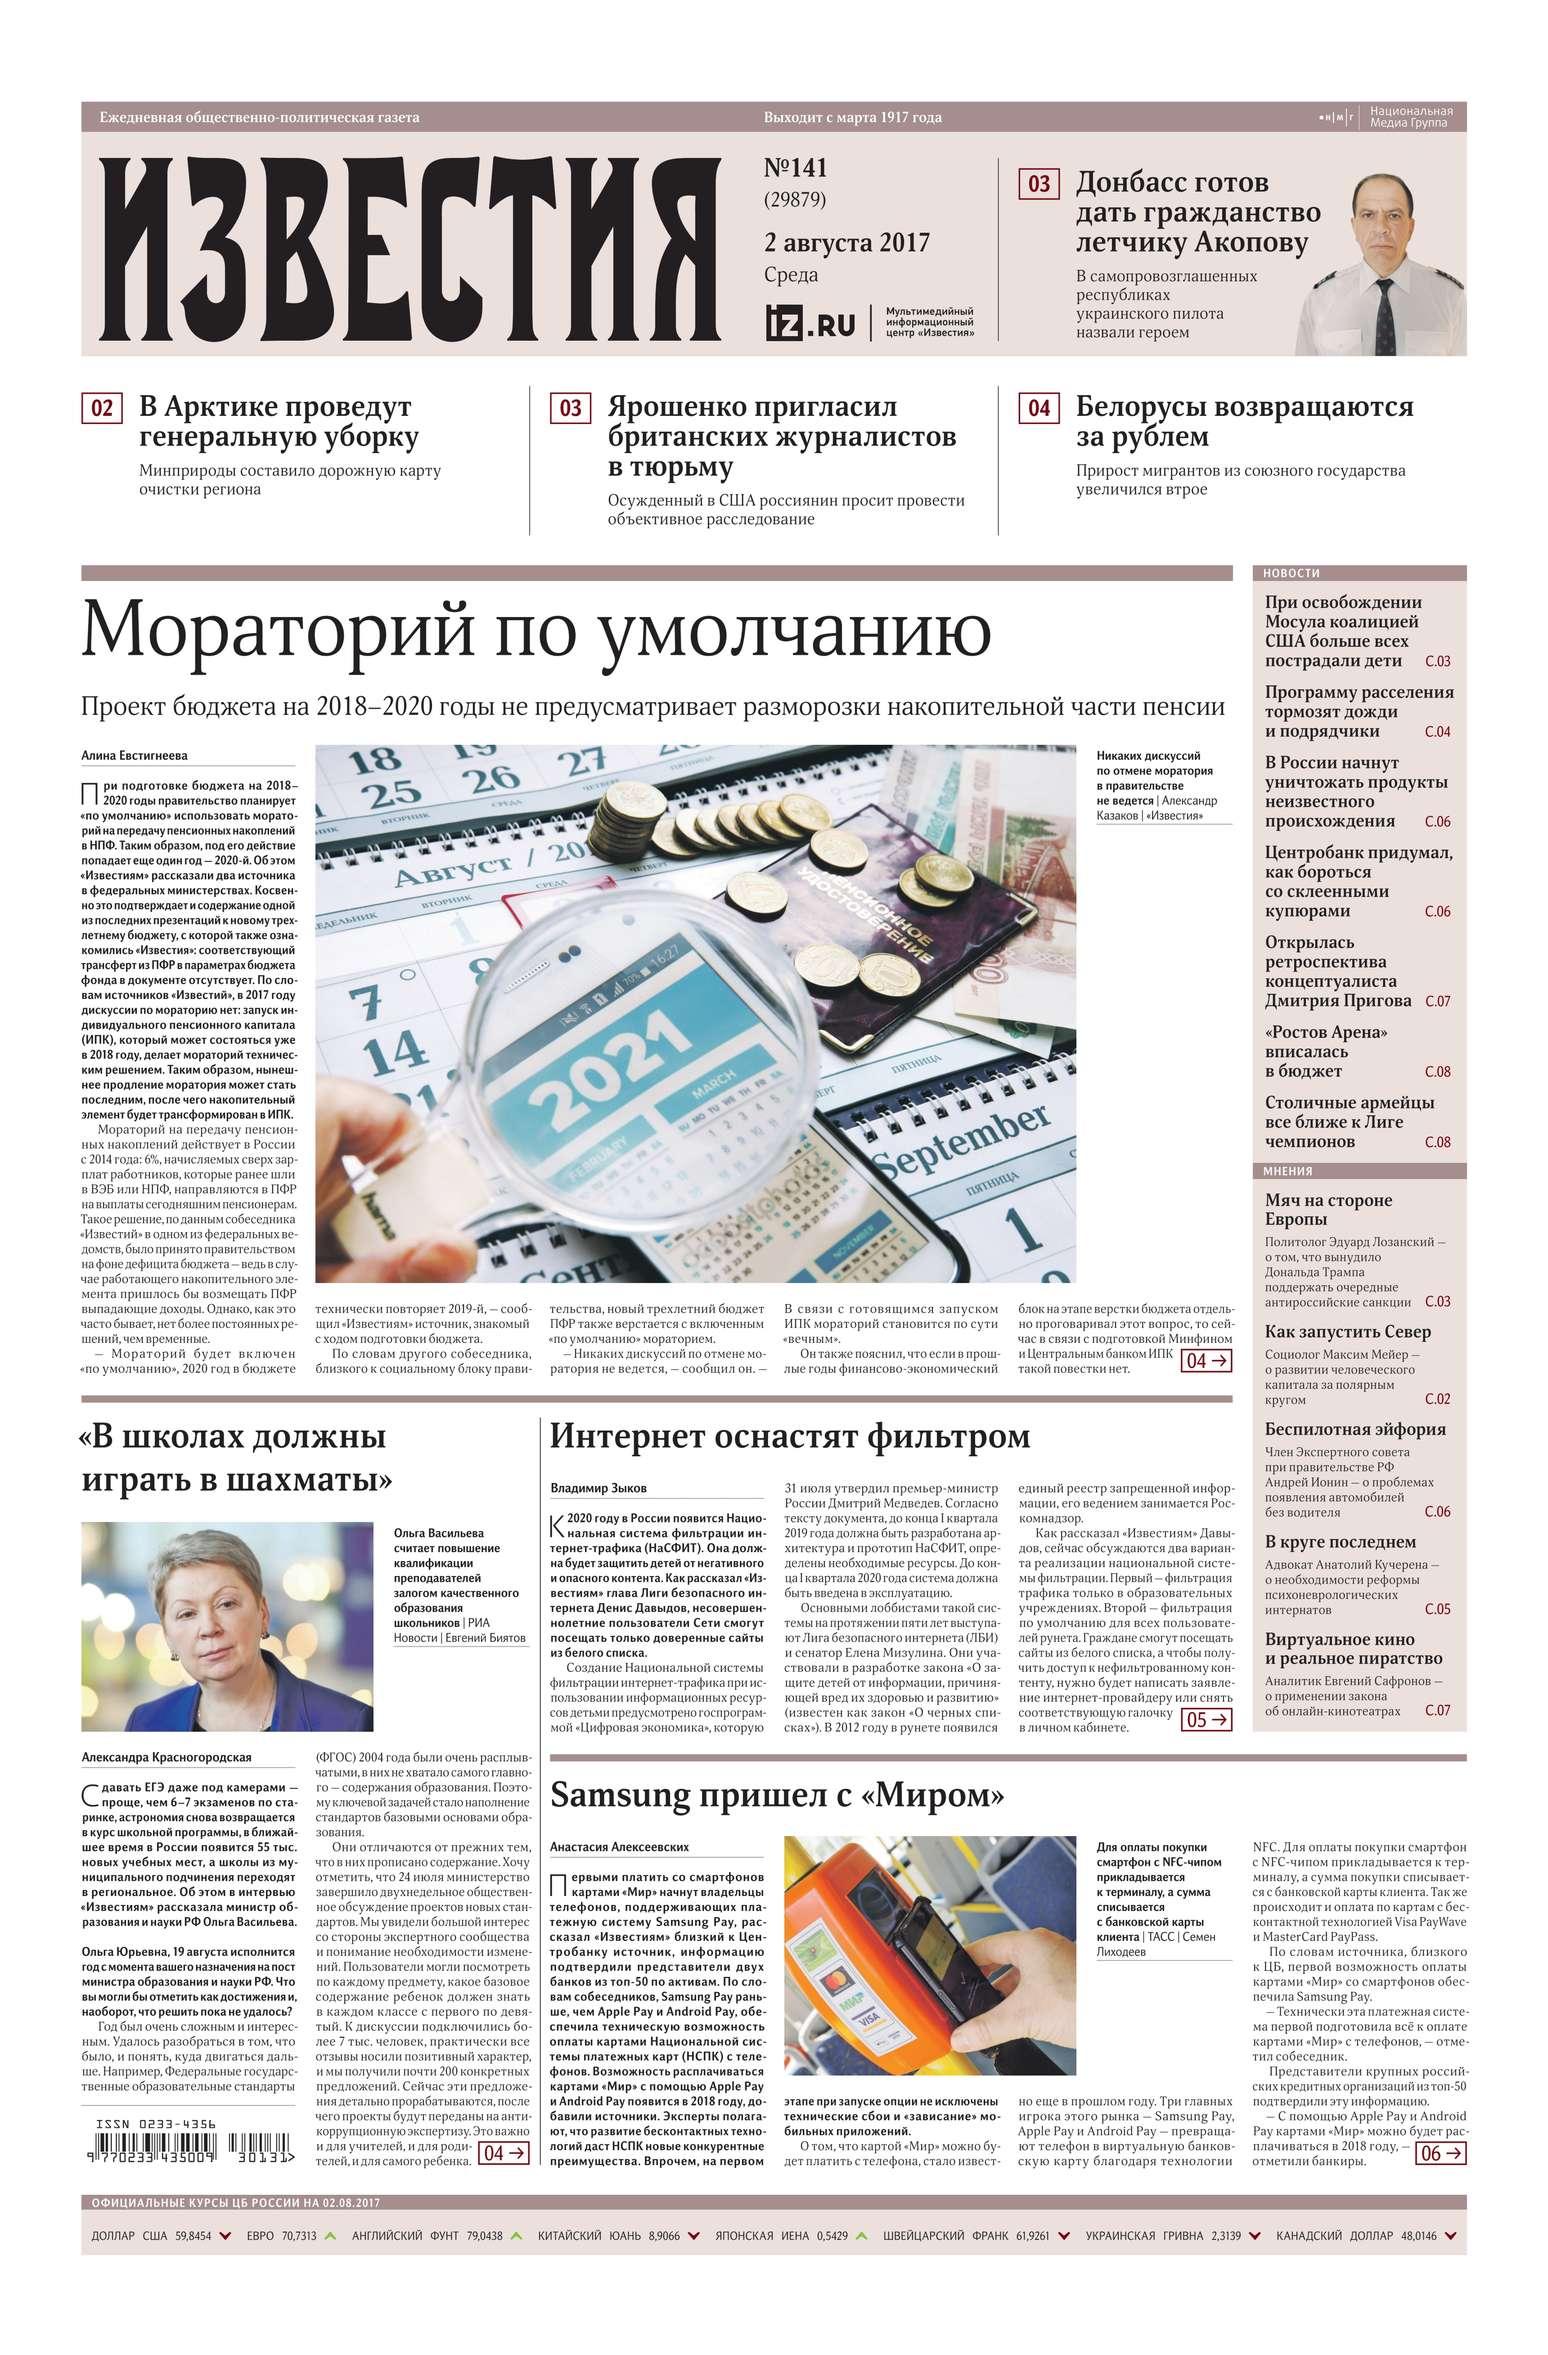 Редакция газеты Известия Известия 141-2017 цены